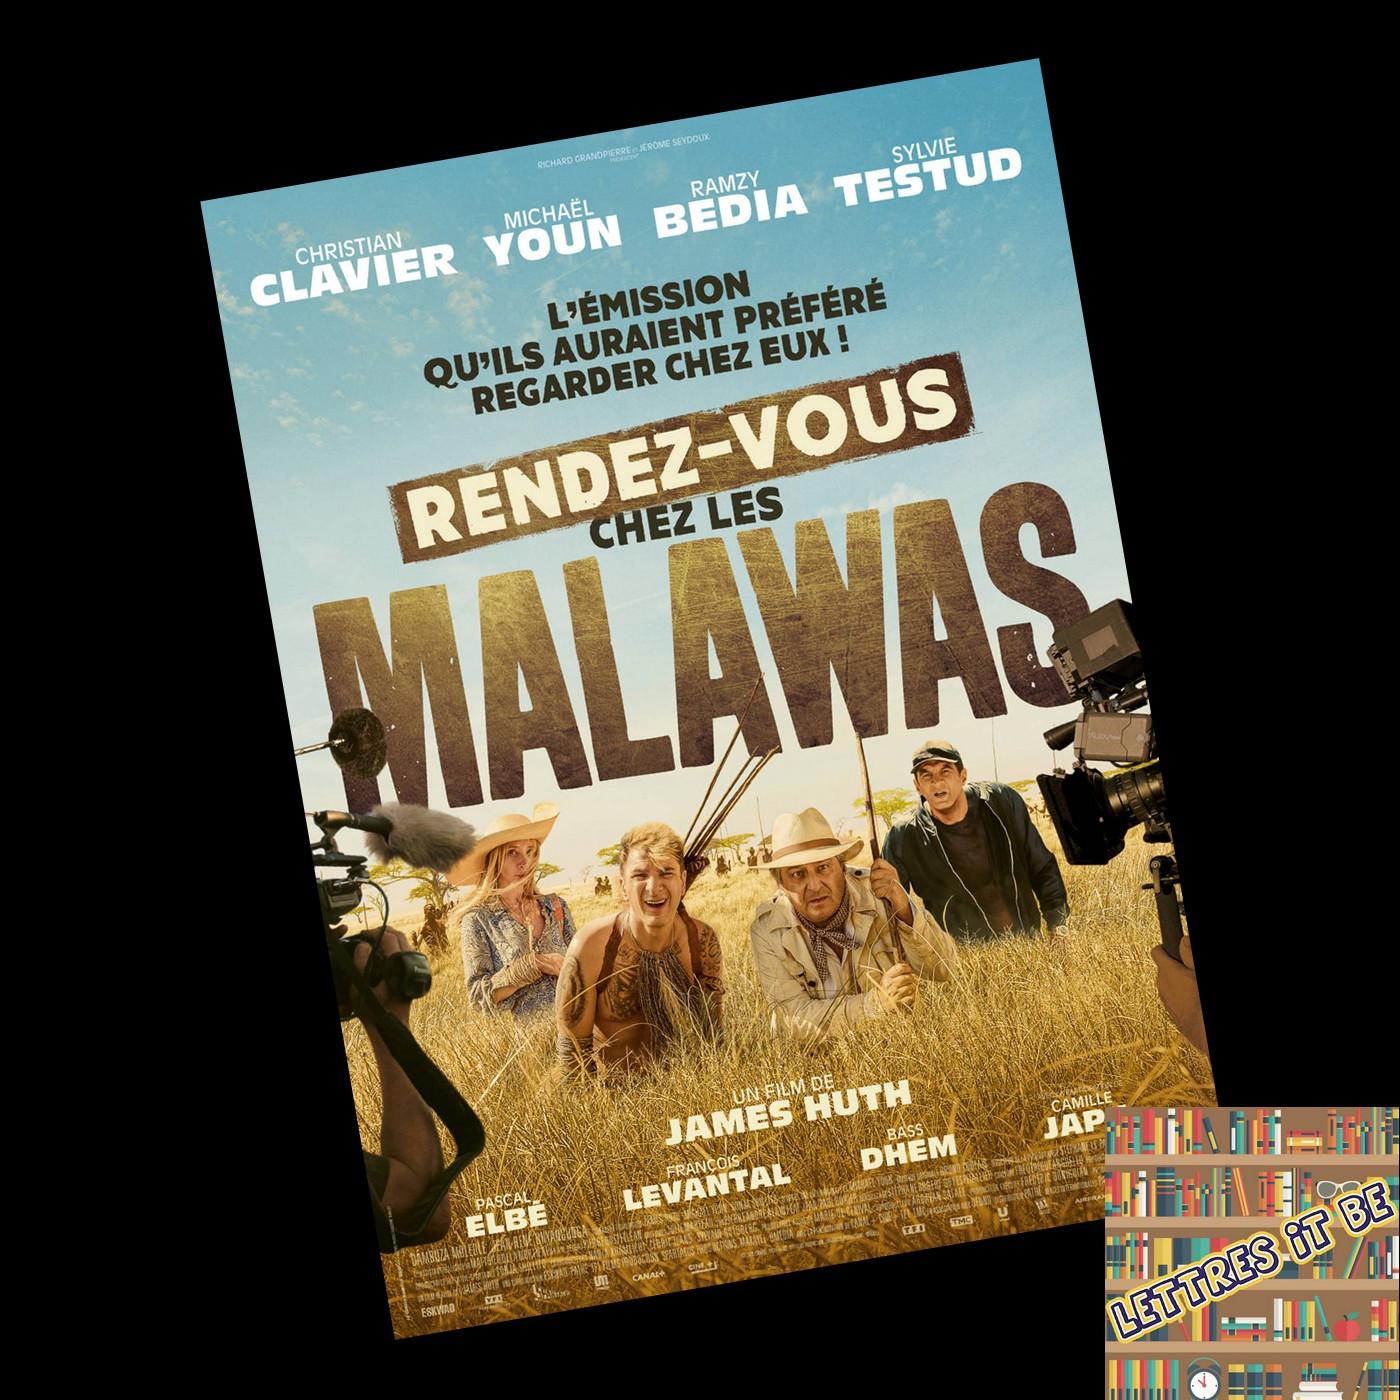 Critique de Rendez-vous chez les Malawas de James Huth (Film)